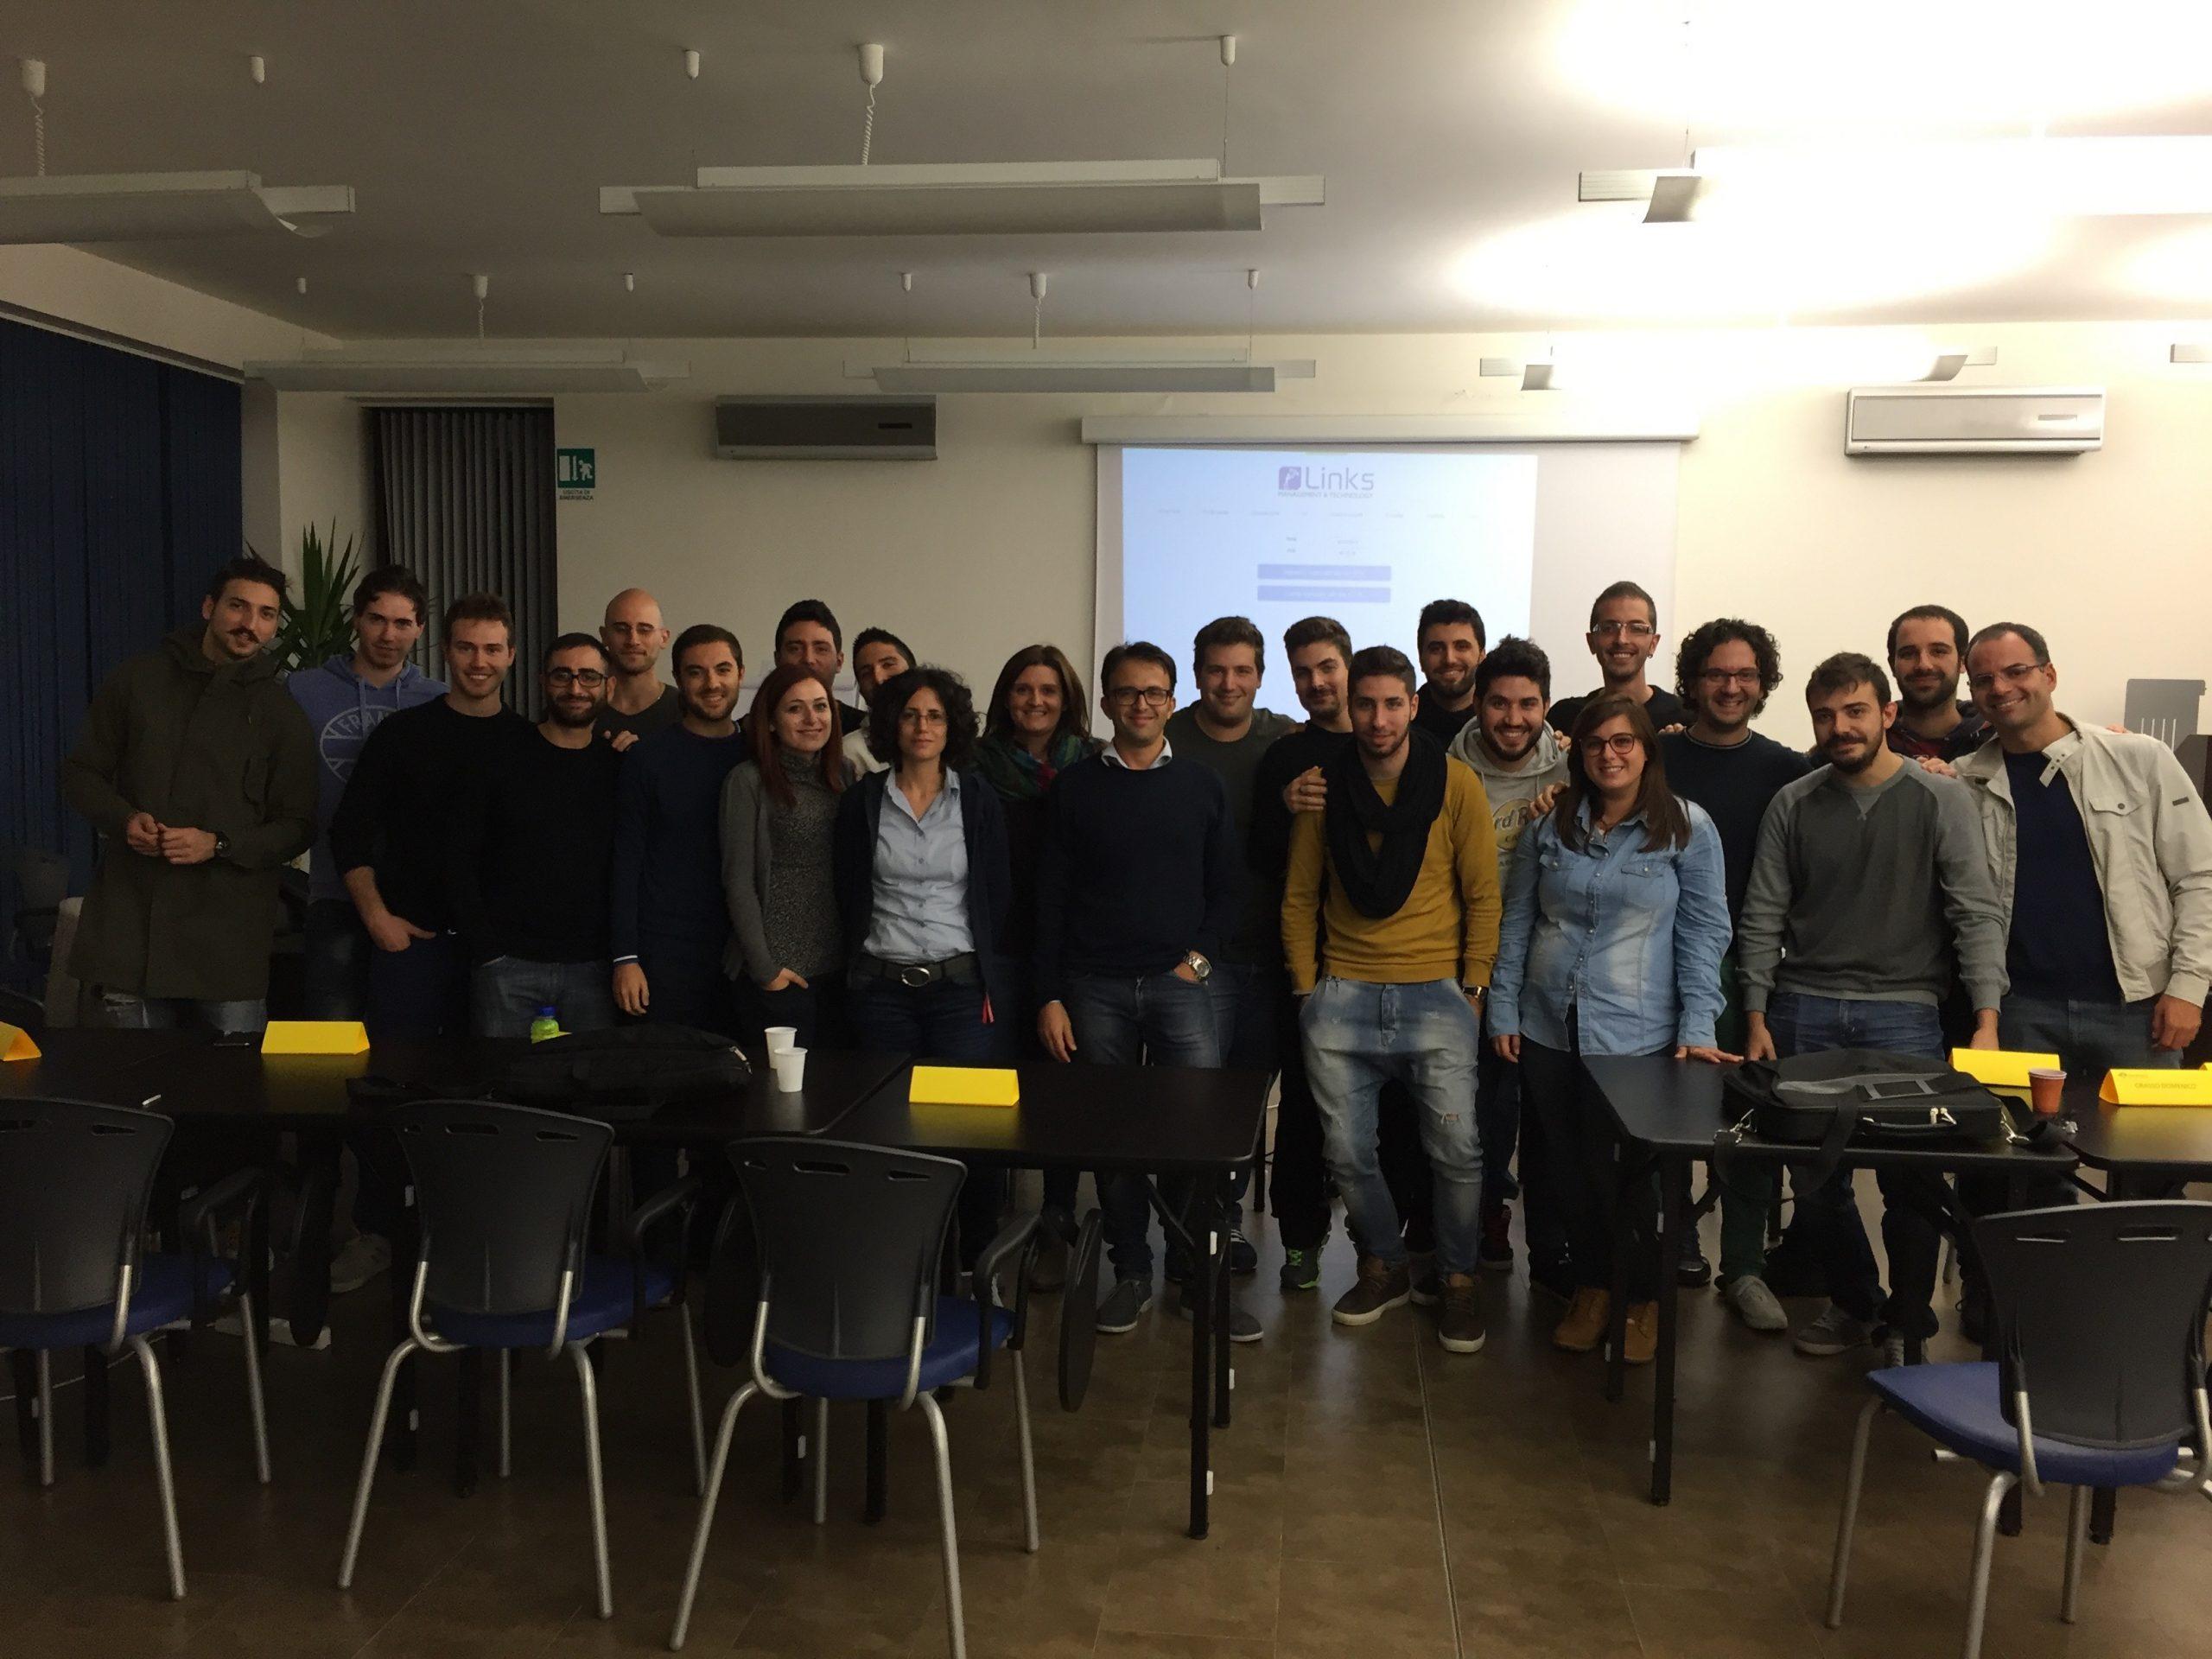 foto di classe del corso di formazione Links Academy